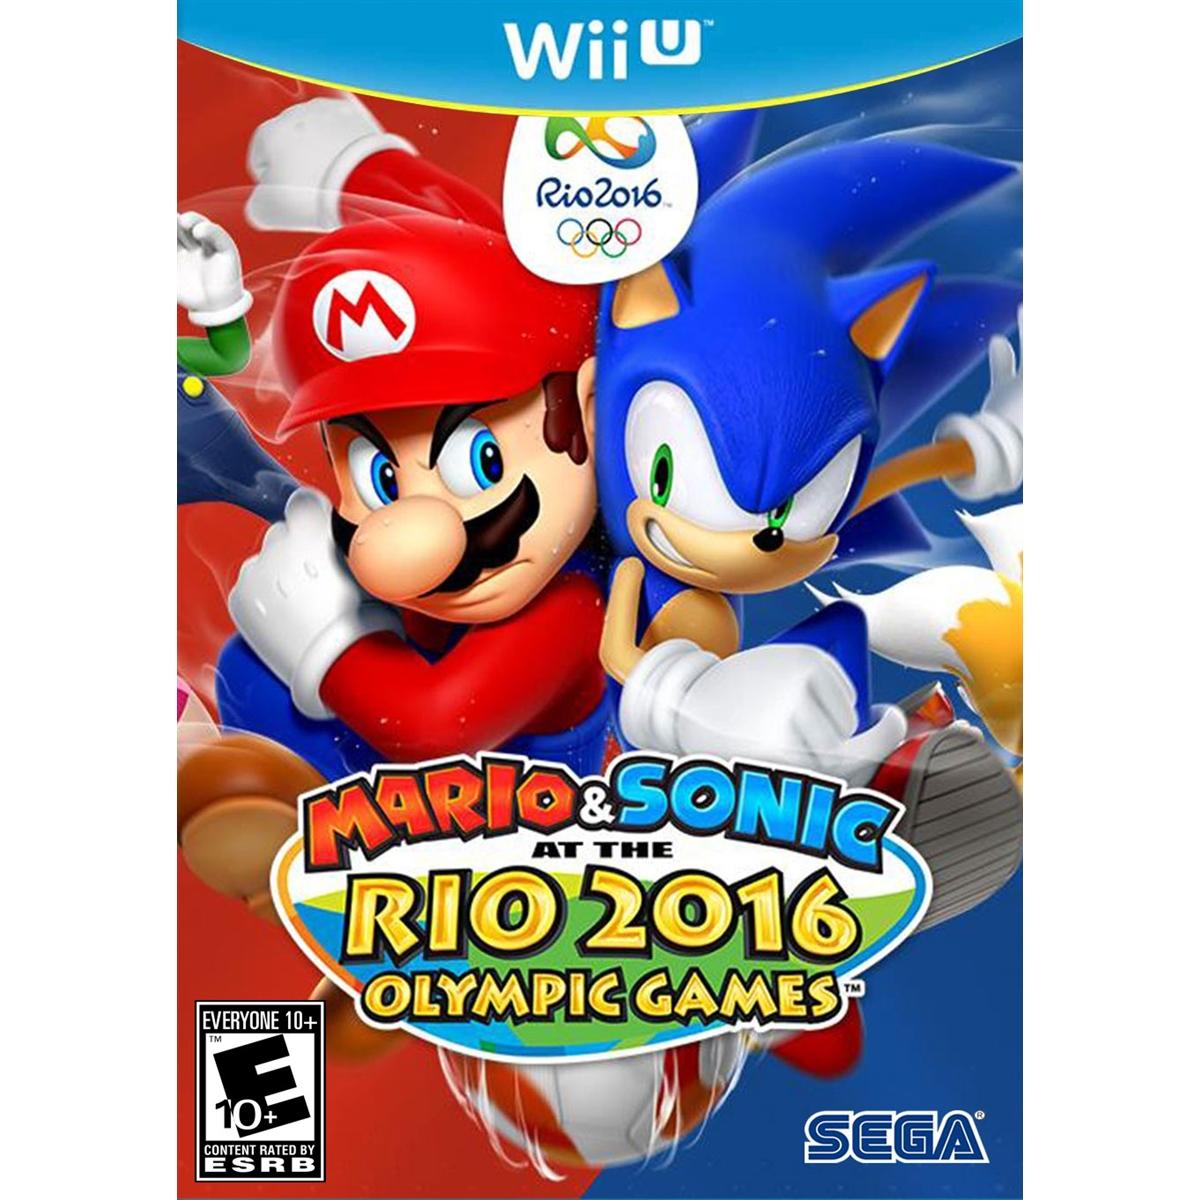 Recopilacion De Juegos Para Nintendo Wii U Mario Sonic At The Rio